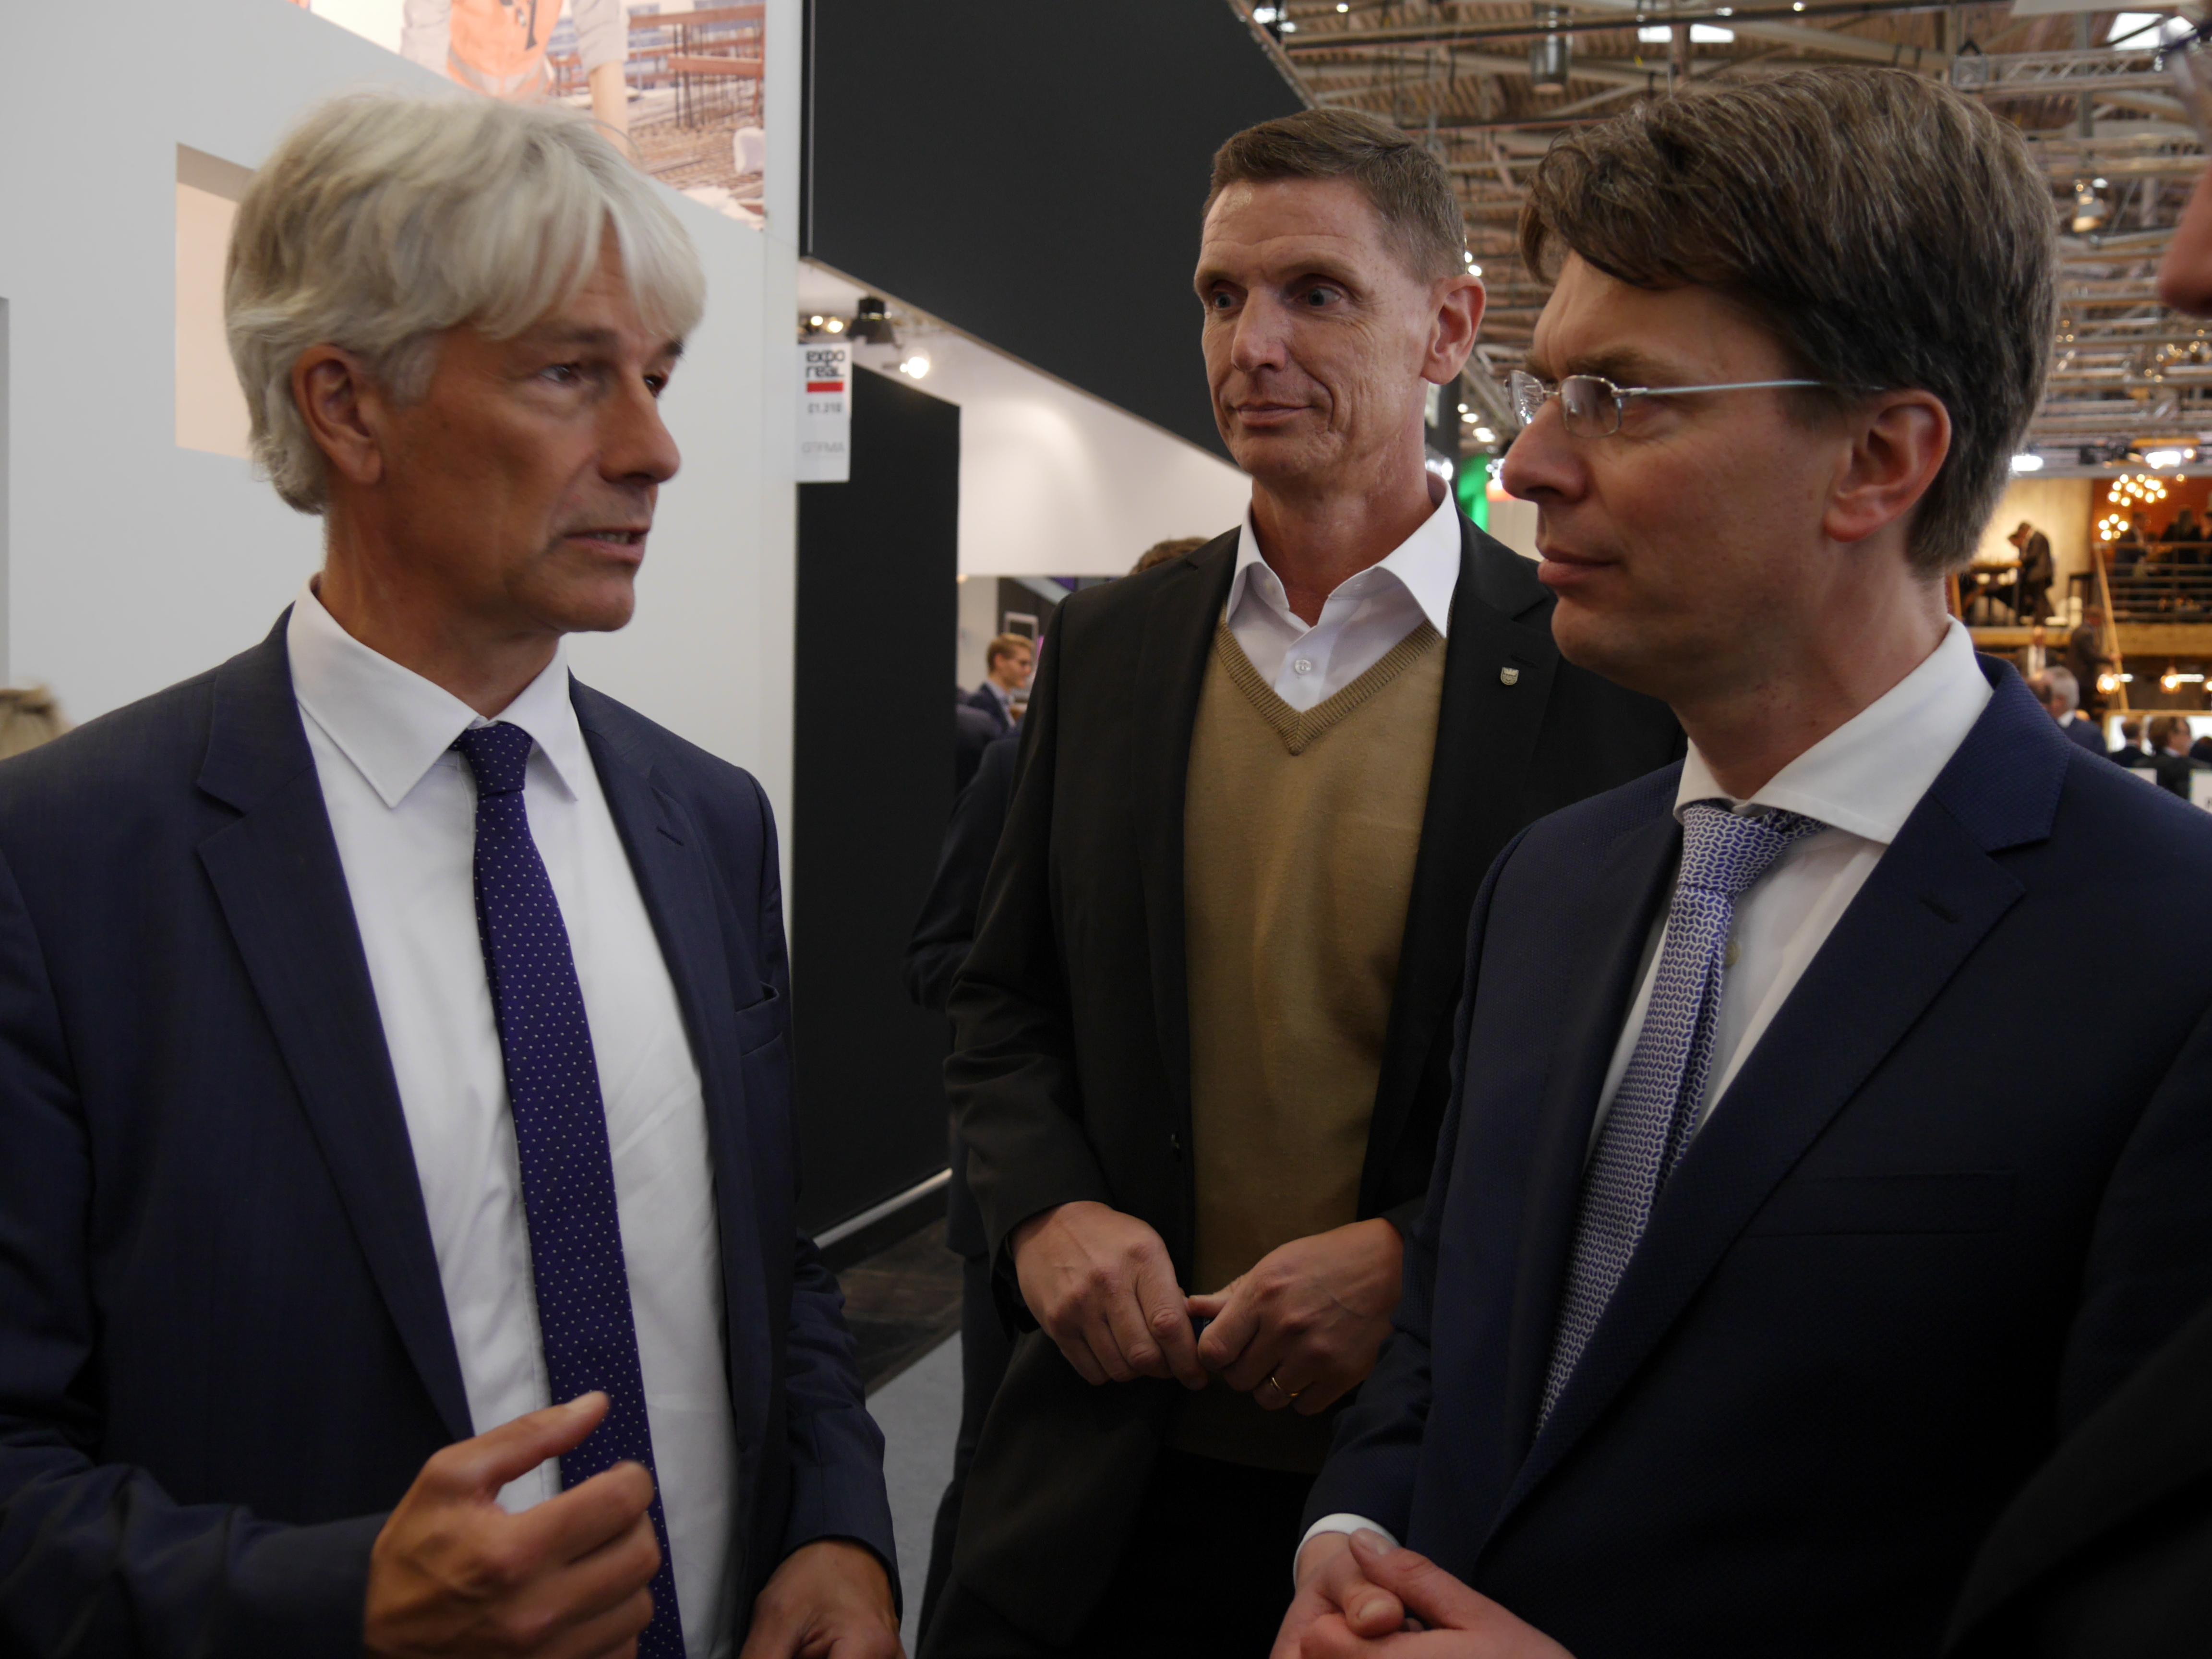 Region Hildesheim auf der EXPO REAL – Staatssekretär besucht Messestand